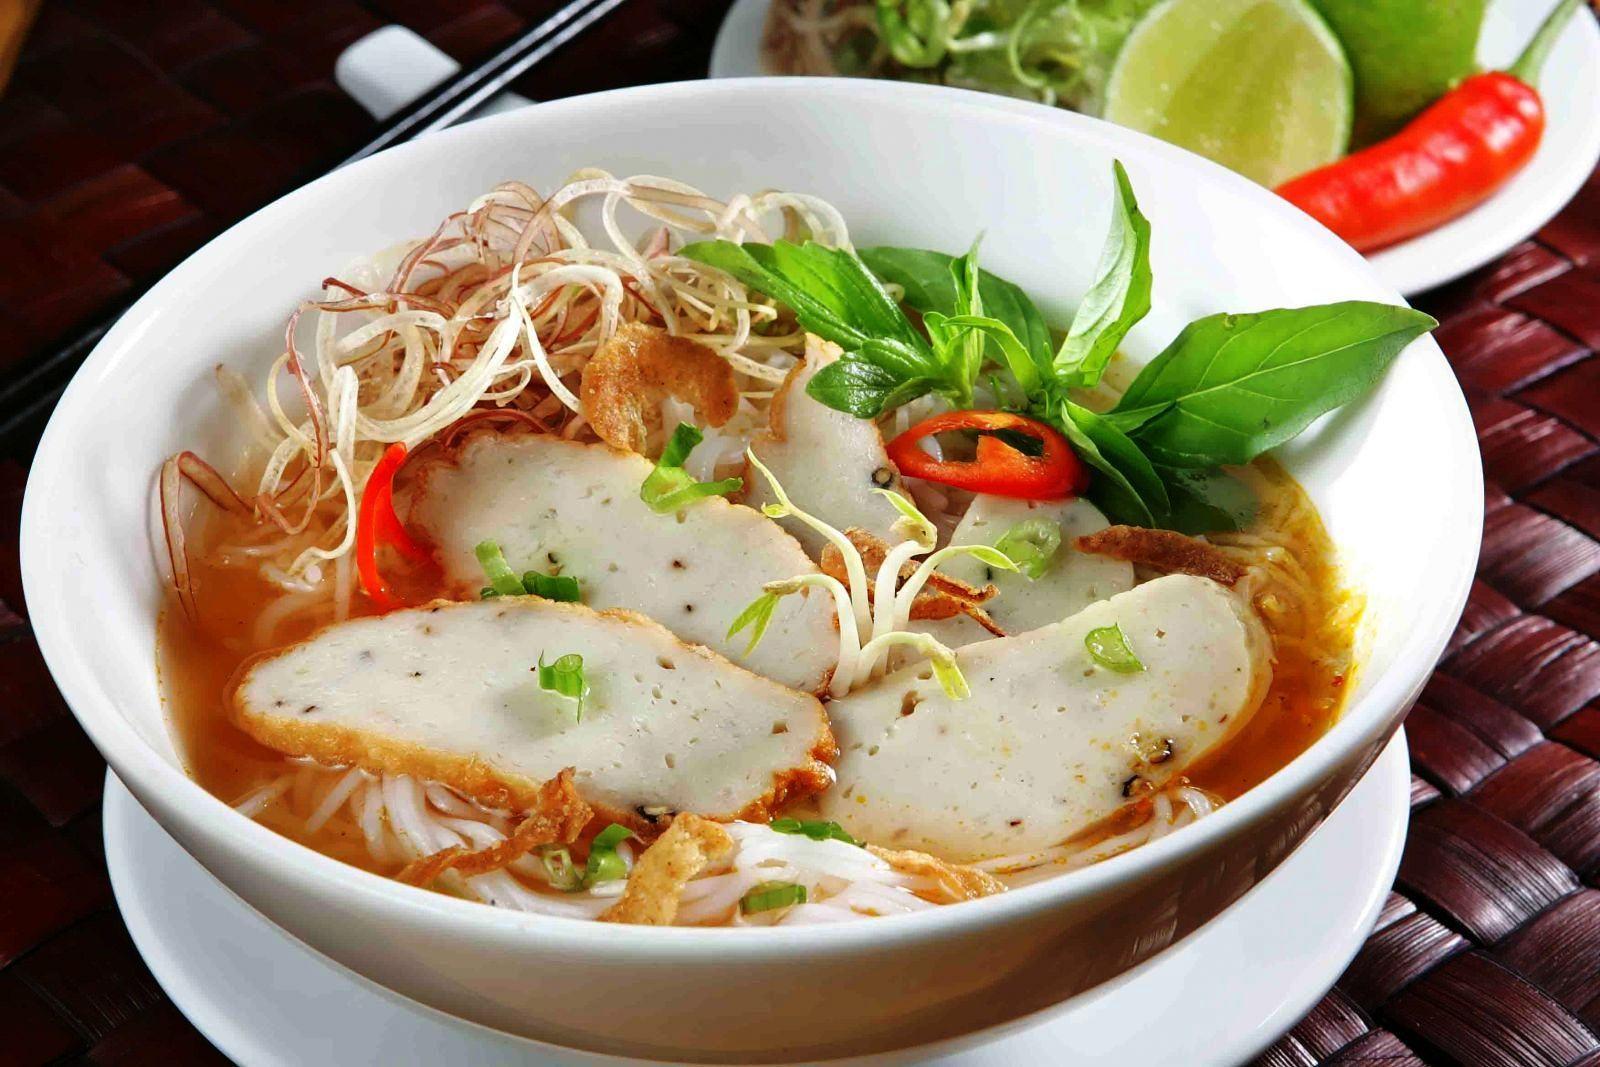 Chiêu đãi cả nhà bằng món bánh canh chả cá Nha Trang hấp dẫn